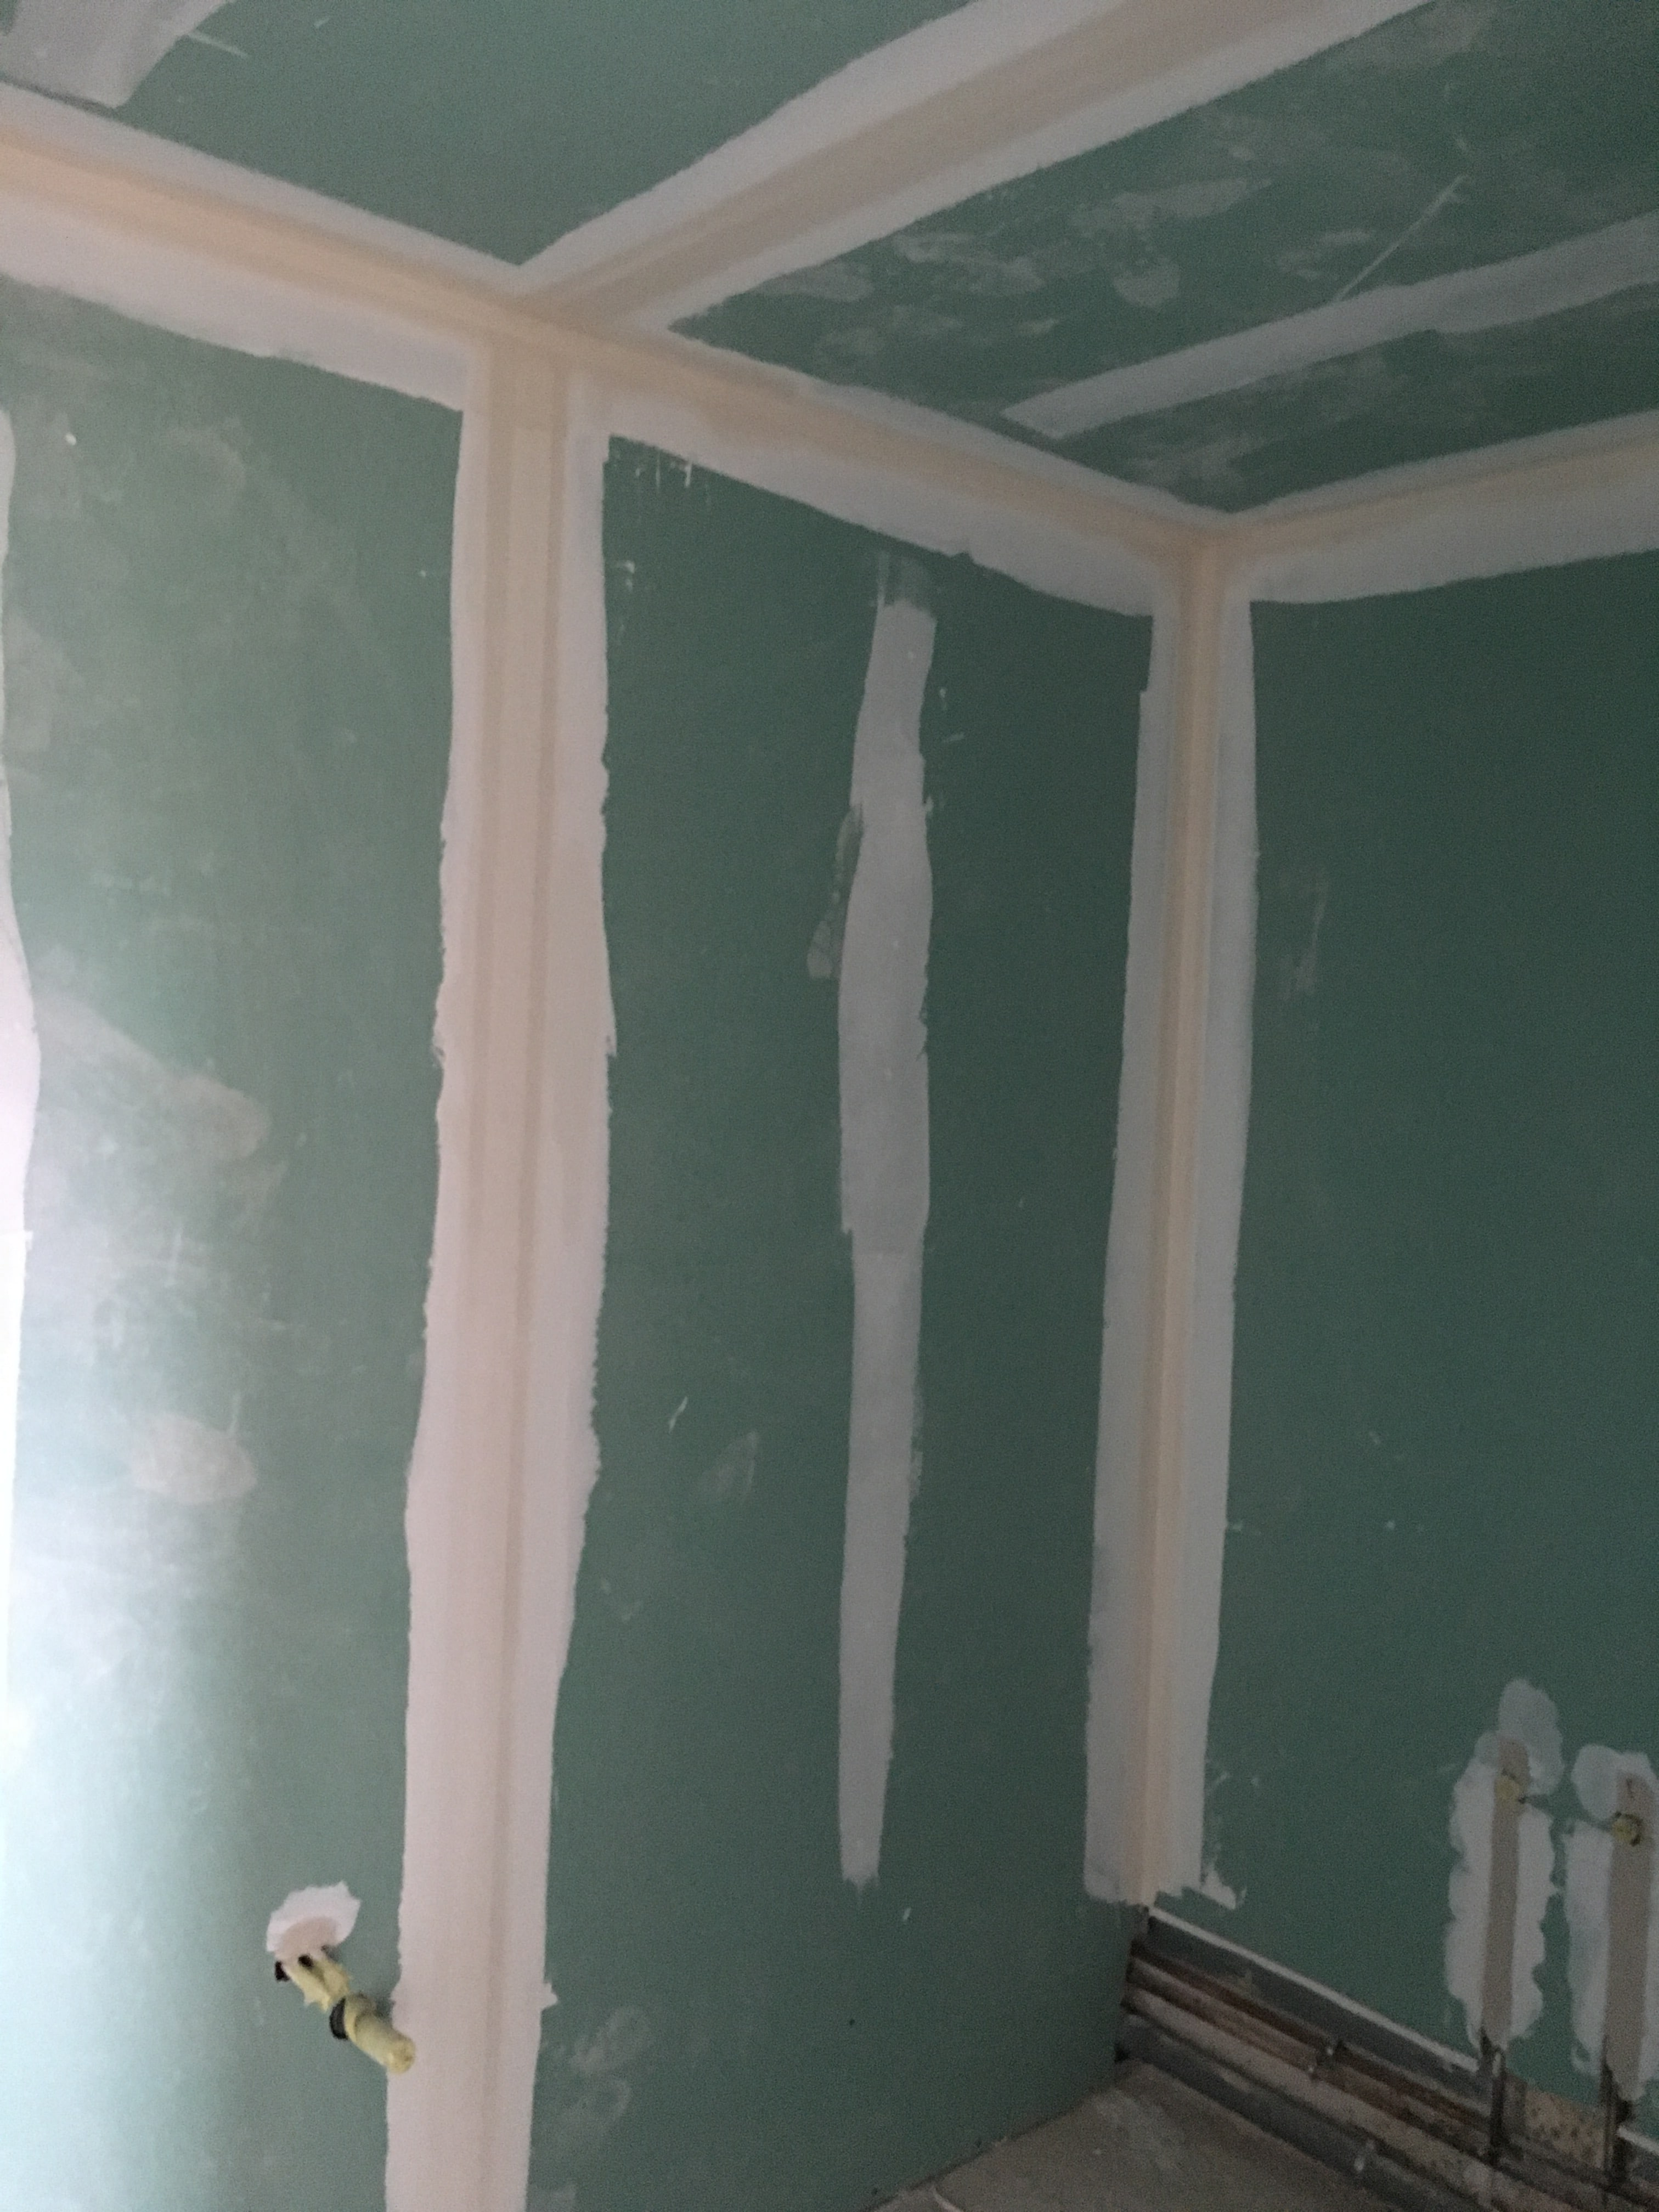 travaux-de-renovation-peinture-plomberie-menuiserie-platrerie-villiers-sur-marne-salle-de-bain-vasque-baignoire-douche-suite-parentale-0-maghawry-texas-batiment-rge-min